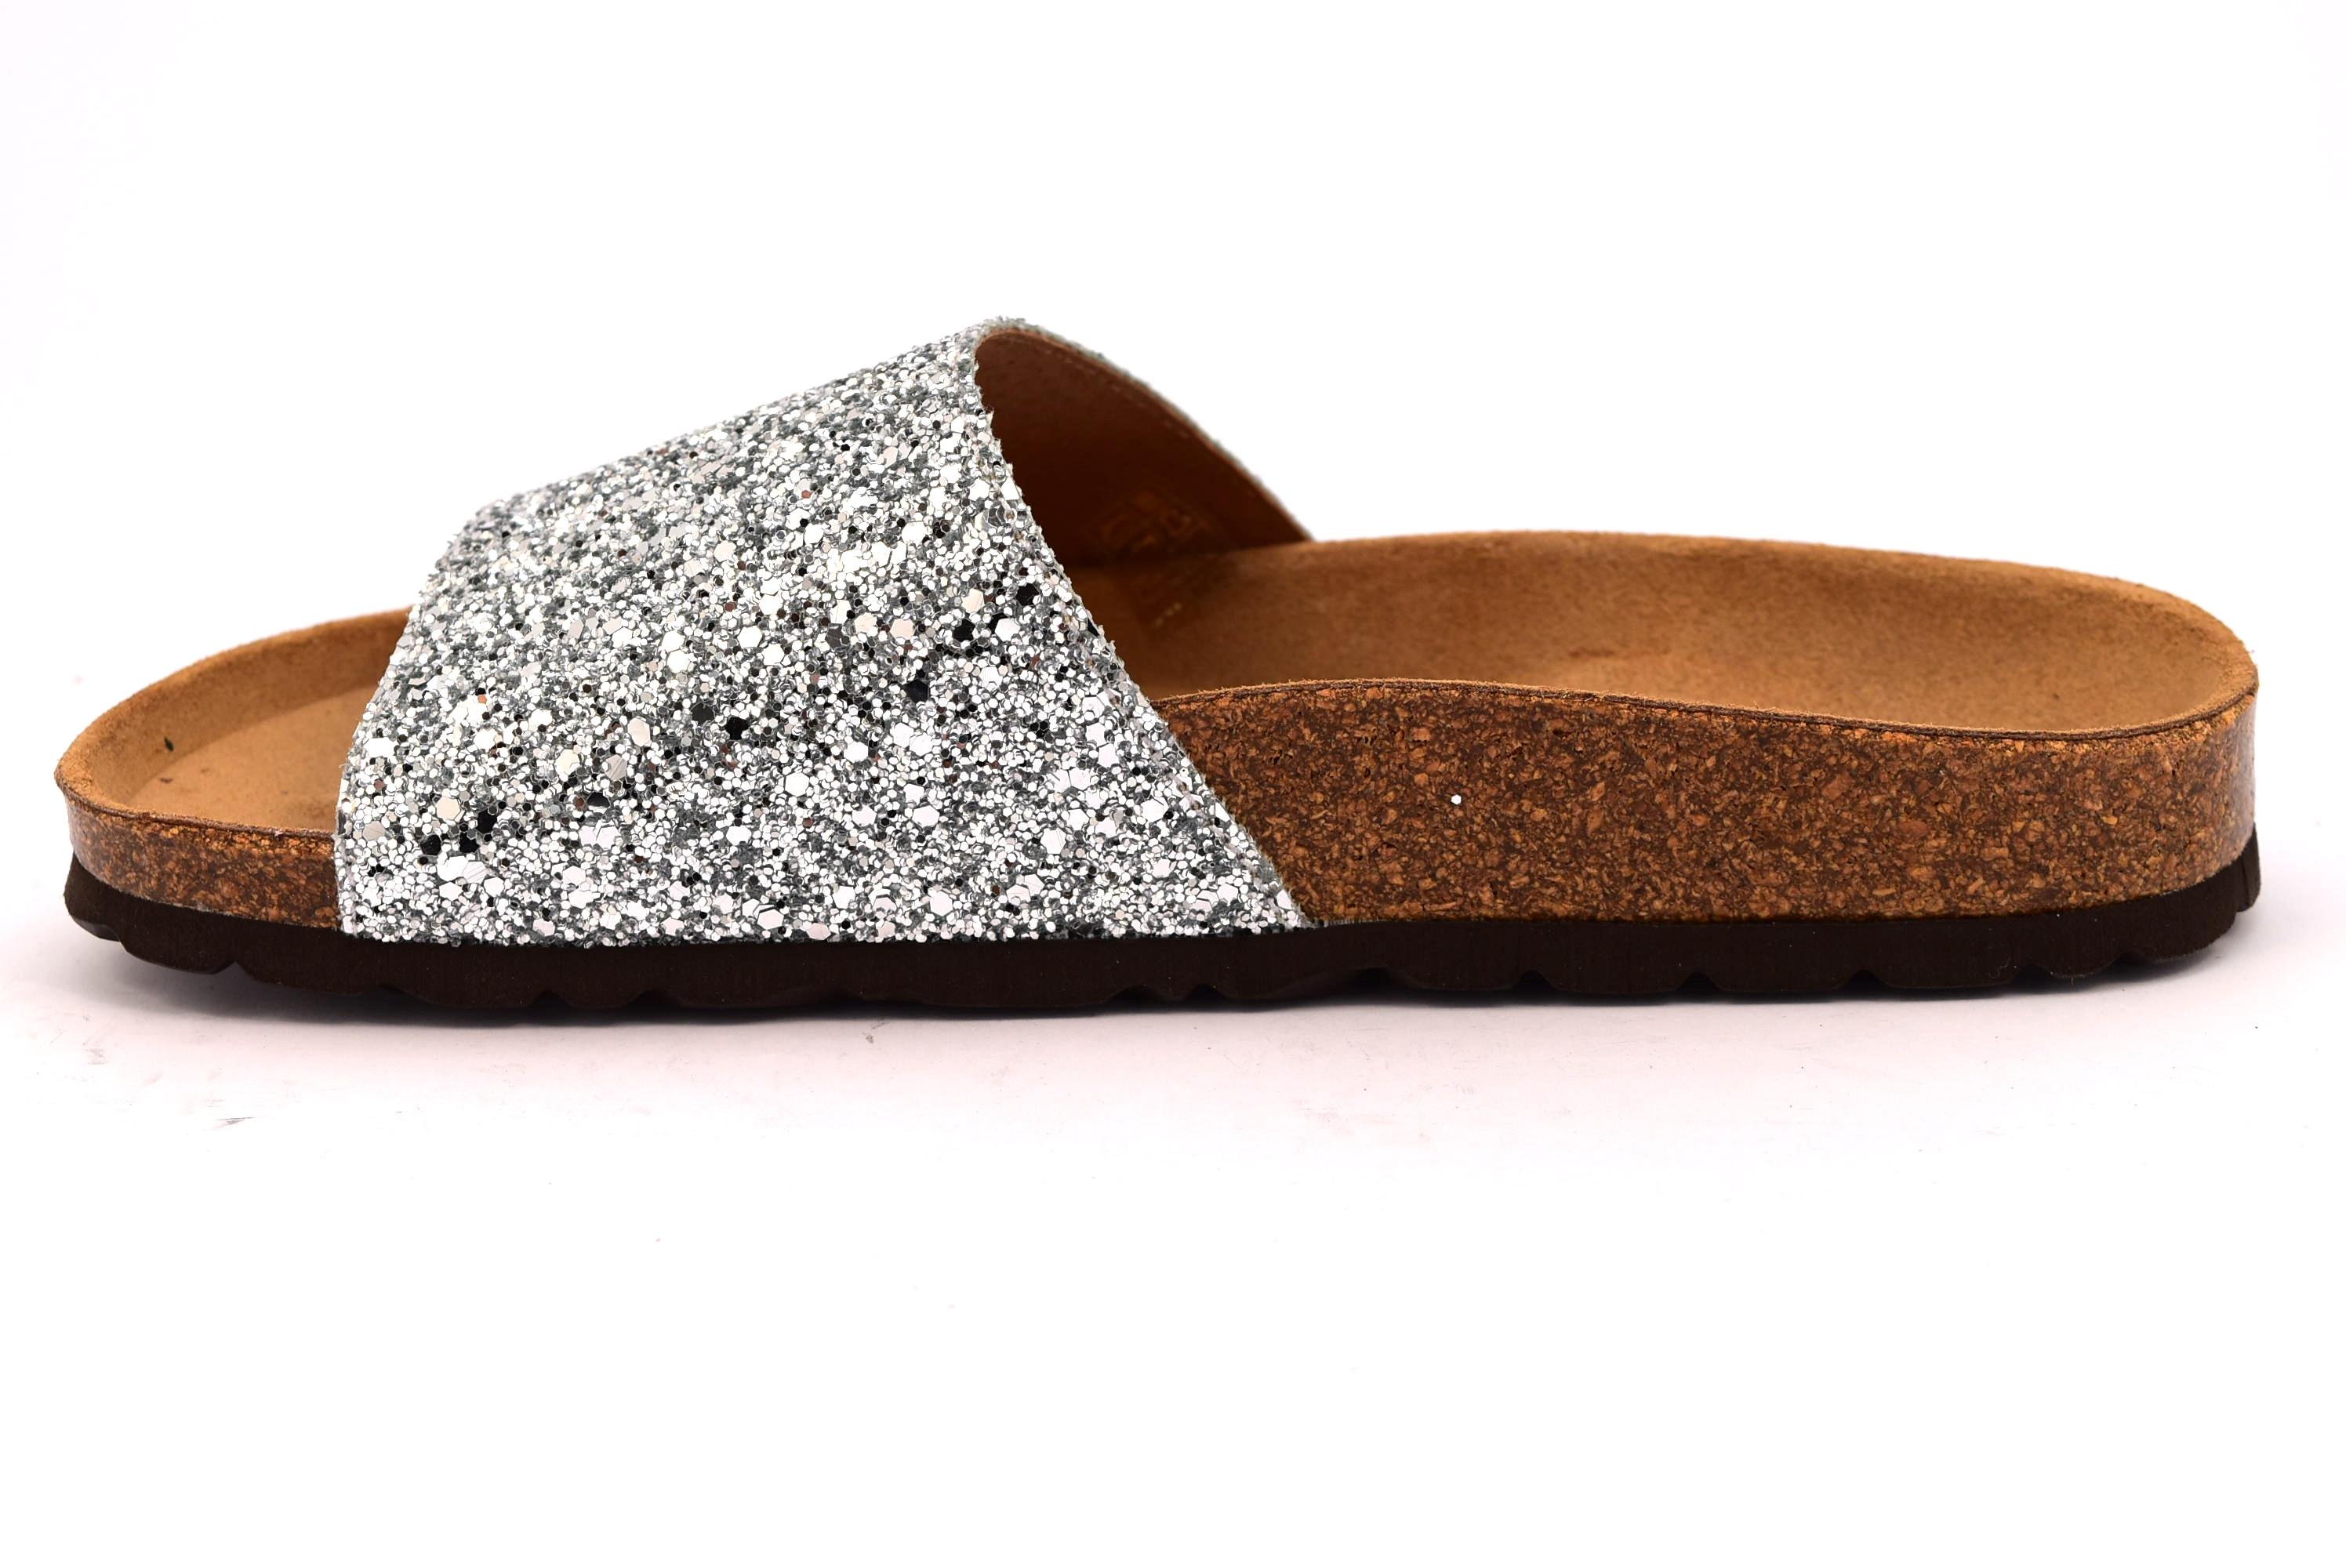 GRUNLAND SARA CB1653 70 ARGENTO scarpe ciabatte donna estive plantare  sottopiede sughero glitter